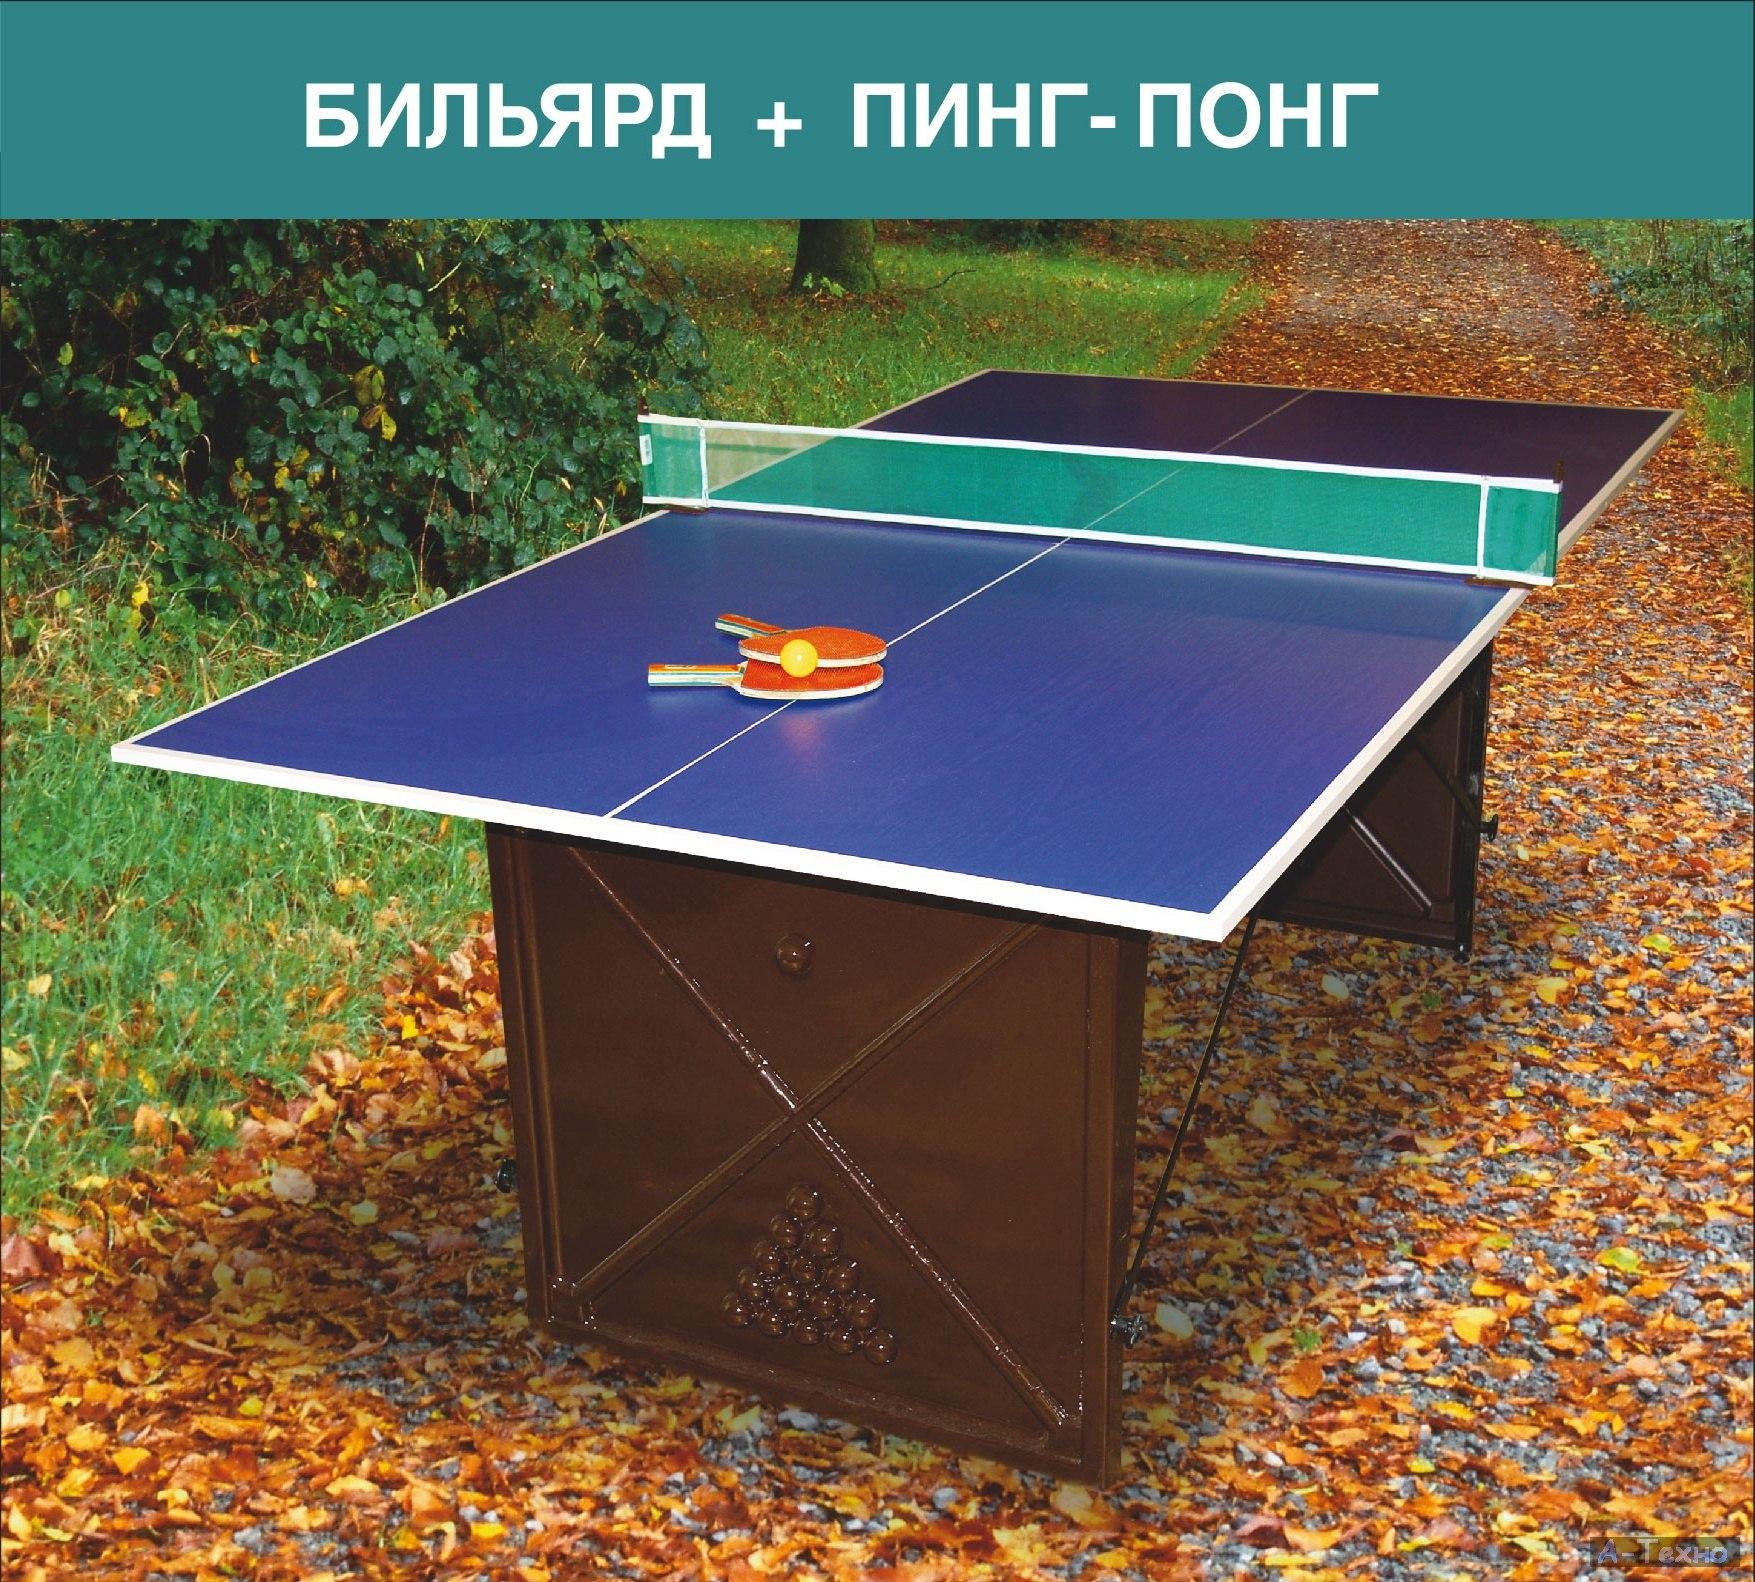 Теннисный стол своими руками 90